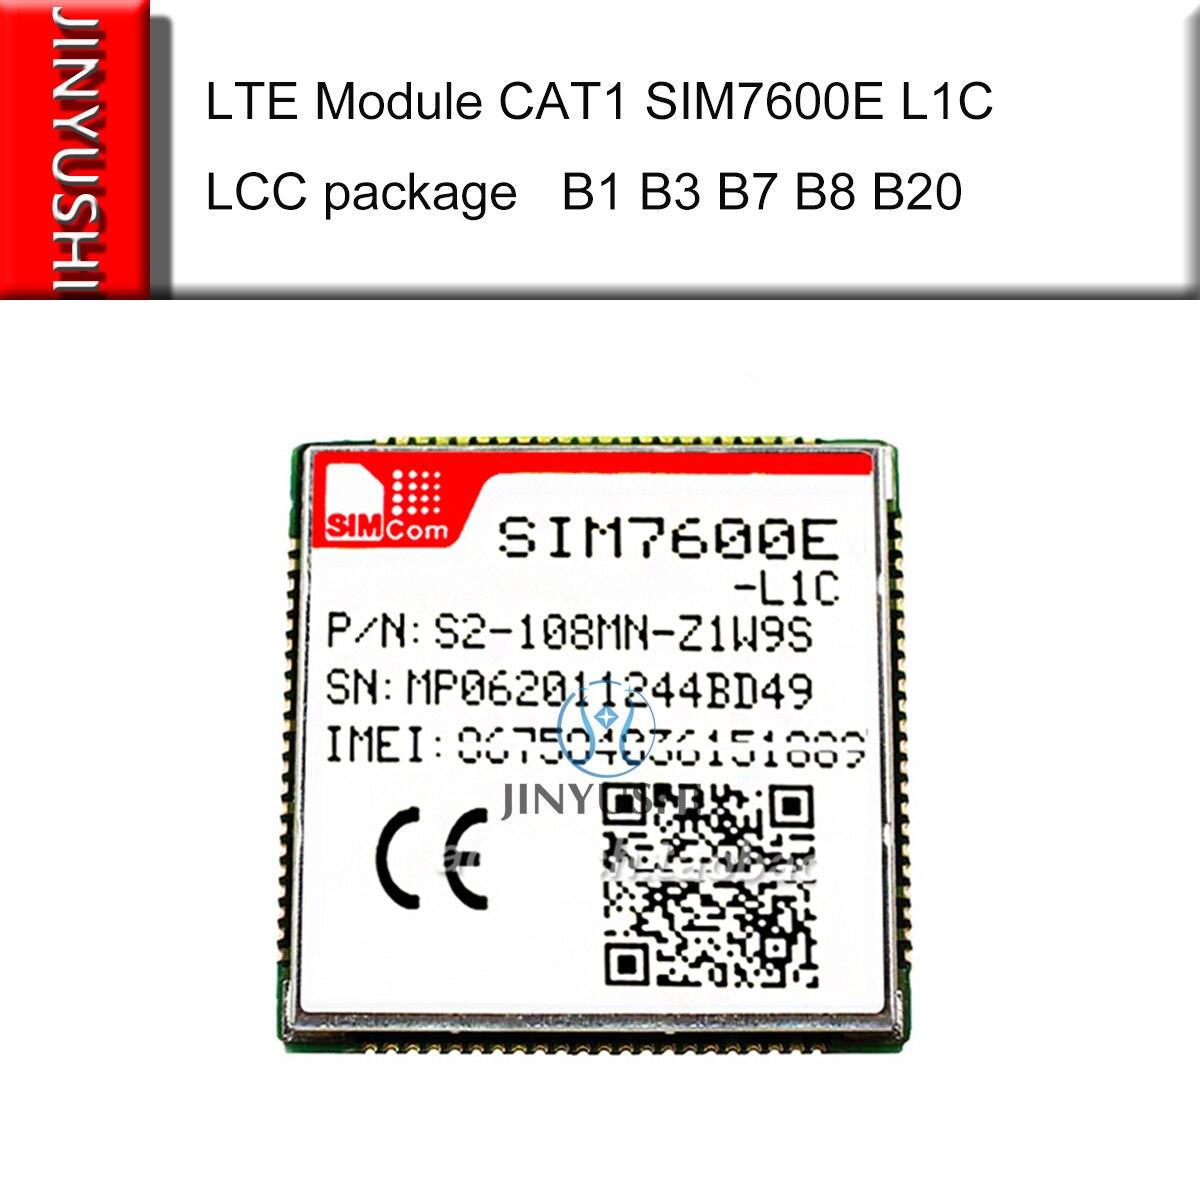 SIMCOM SIM7600E L1C SIM7600E-L1C LCC 4G Multi Band LTE Module CAT1 LTE-FDD/HSPA+/UMTS/EDGE/GPRS/GSM GNSS GPS GLONASS BEIDOU